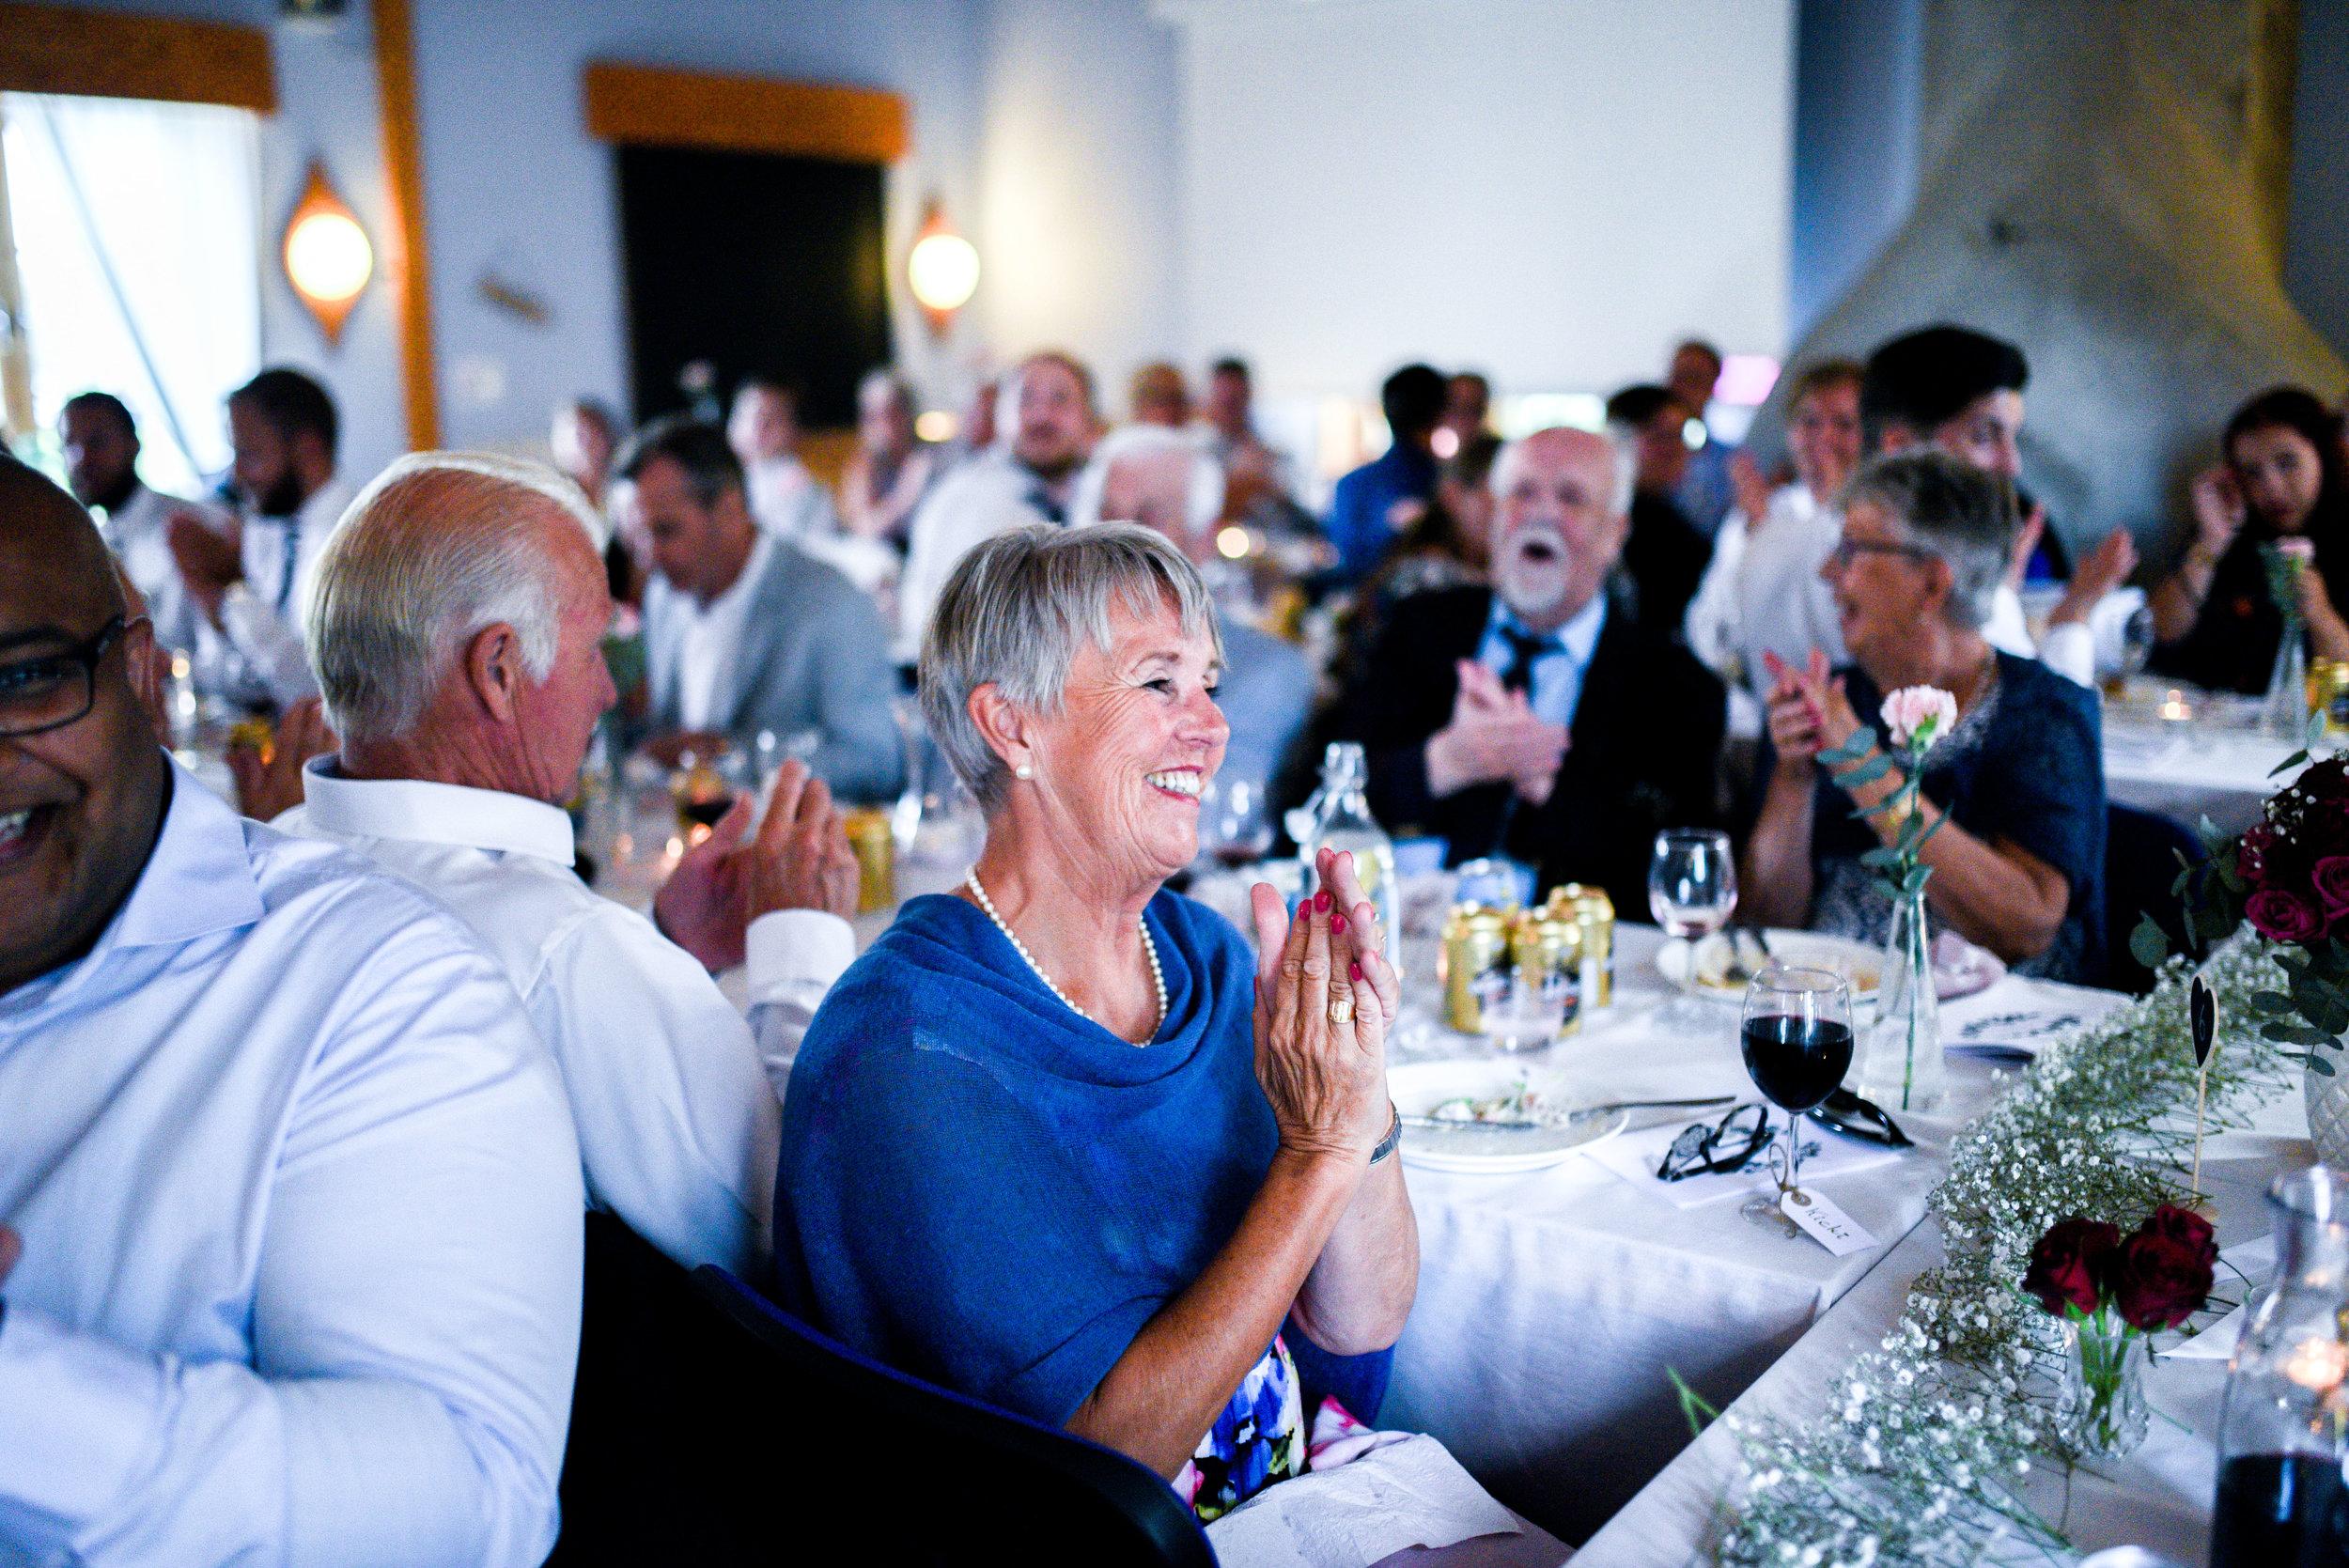 Bröllop2019lågkvall2-6159.jpg